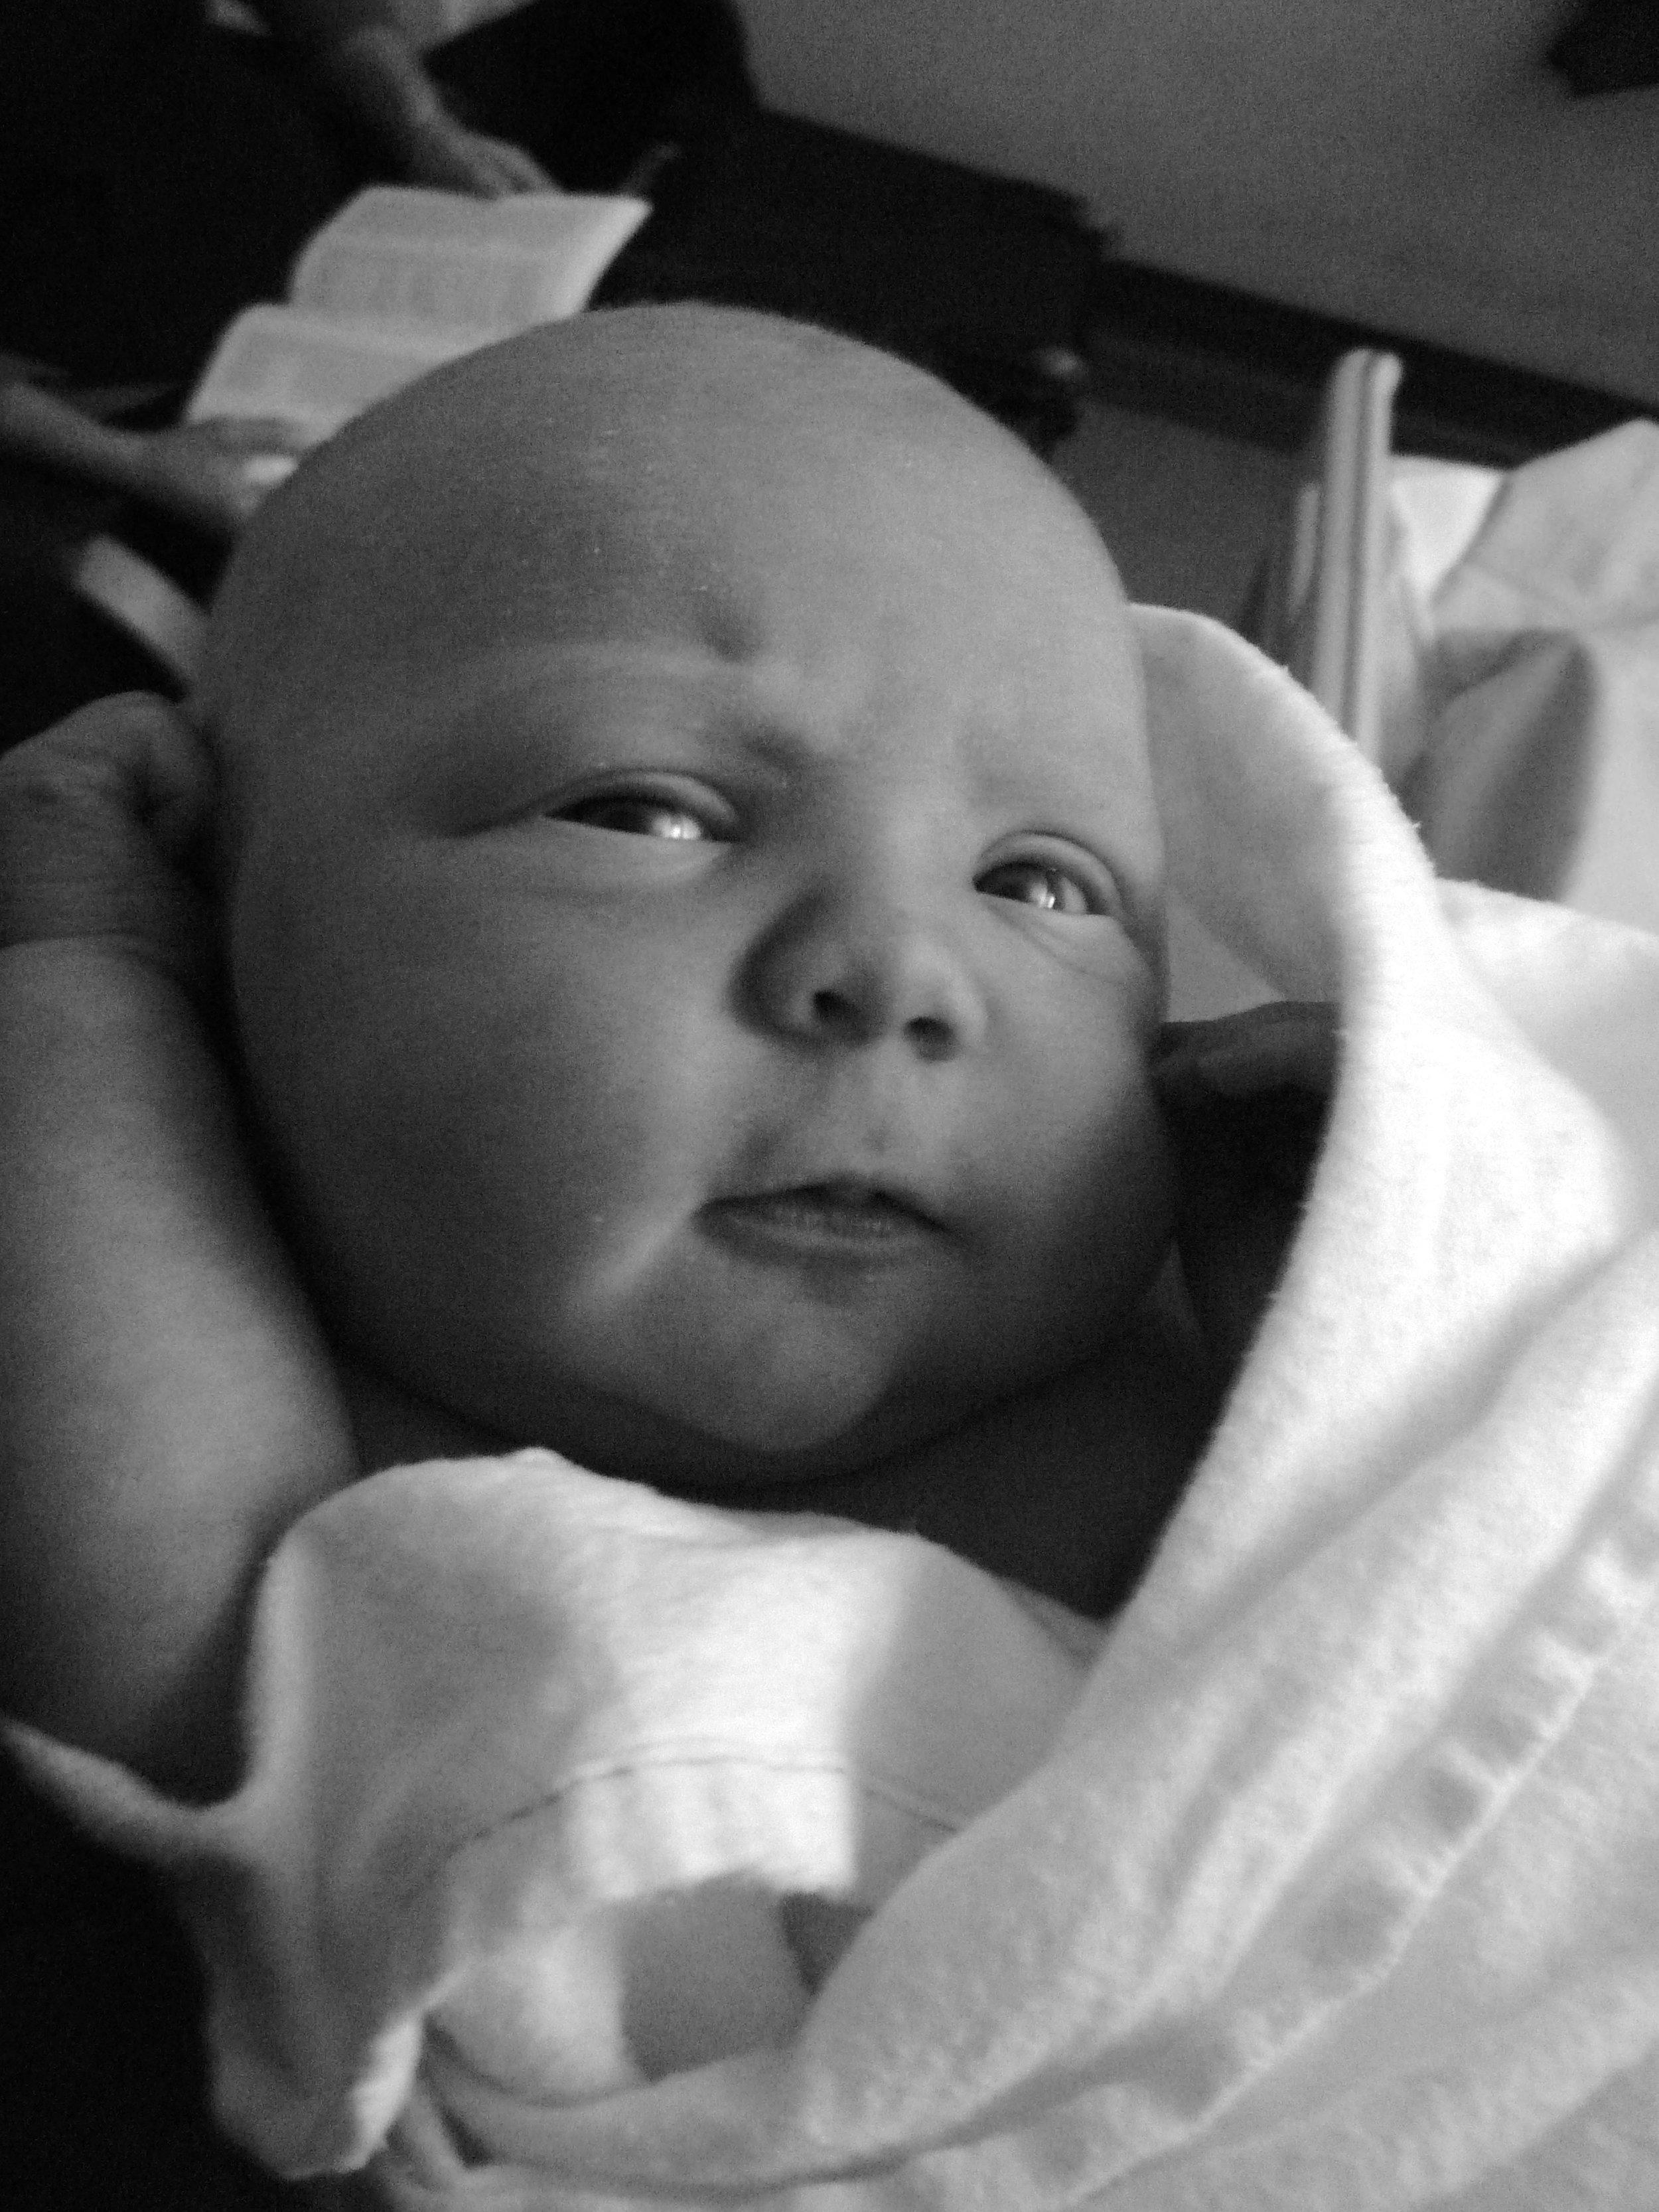 Marshall James Knobben ~November 15 - November 29, 2010